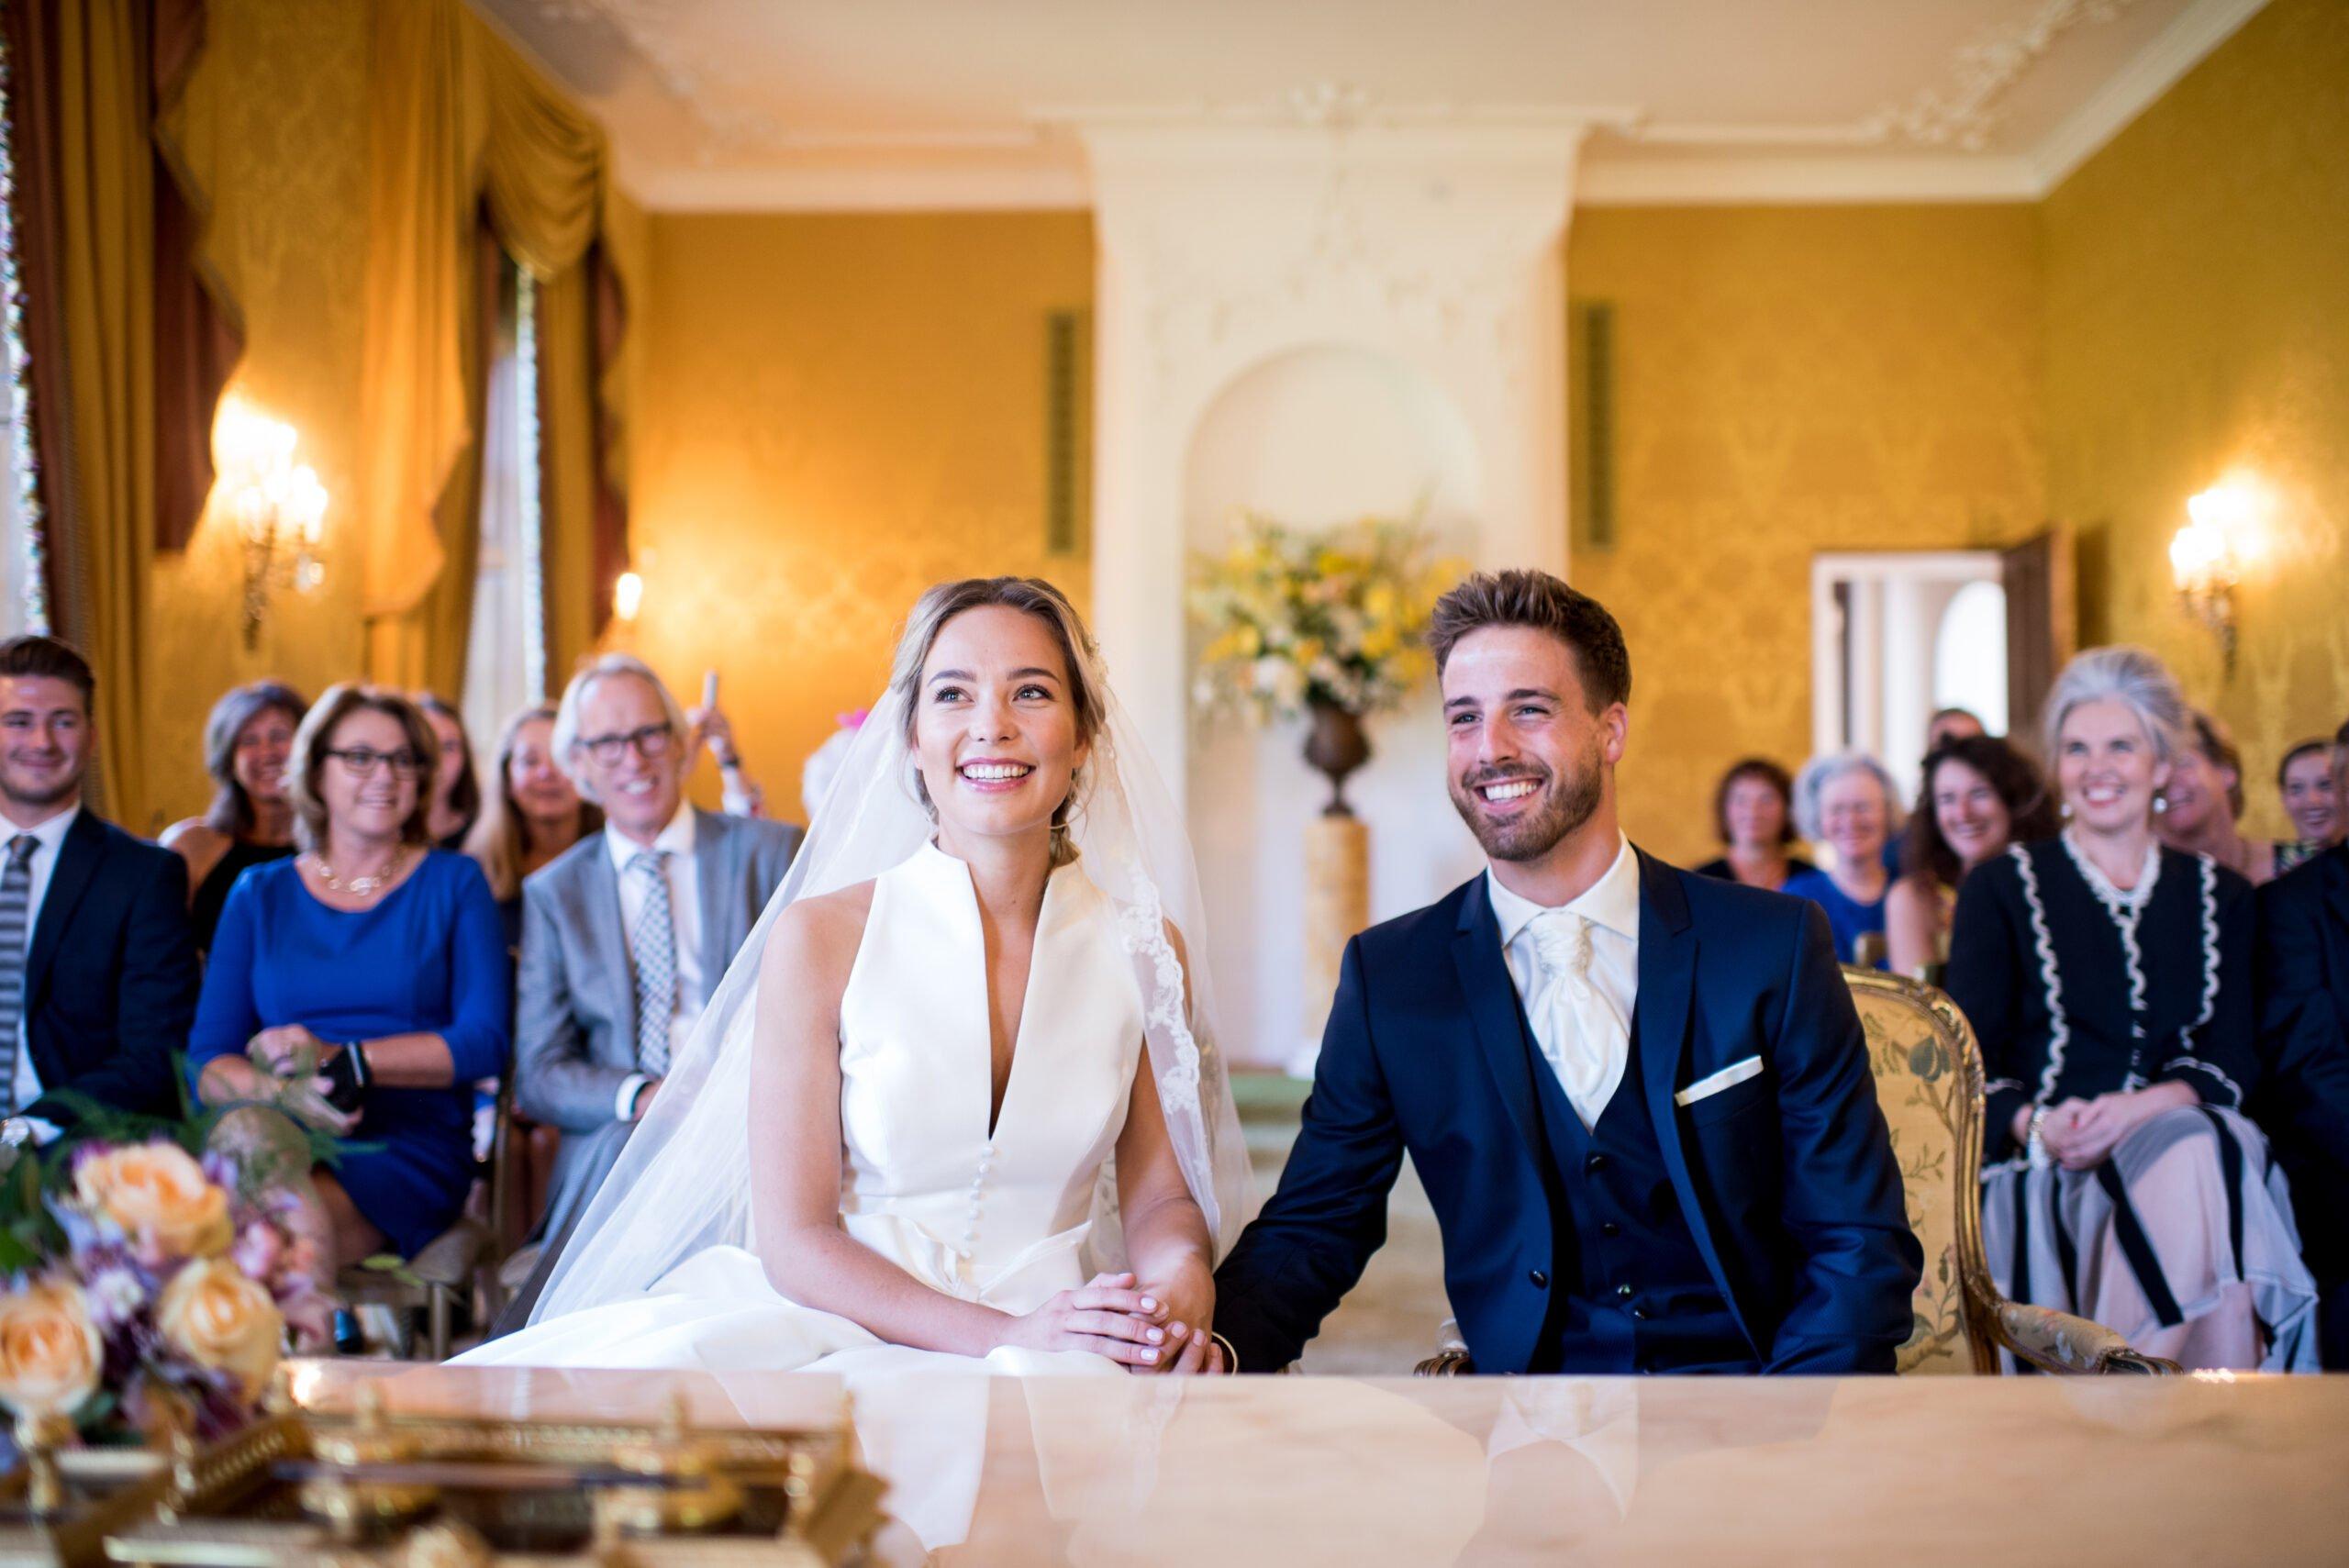 Kasteel bruiloft zittend echtpaar in de trouwzaal bij Kasteel Ruurlo